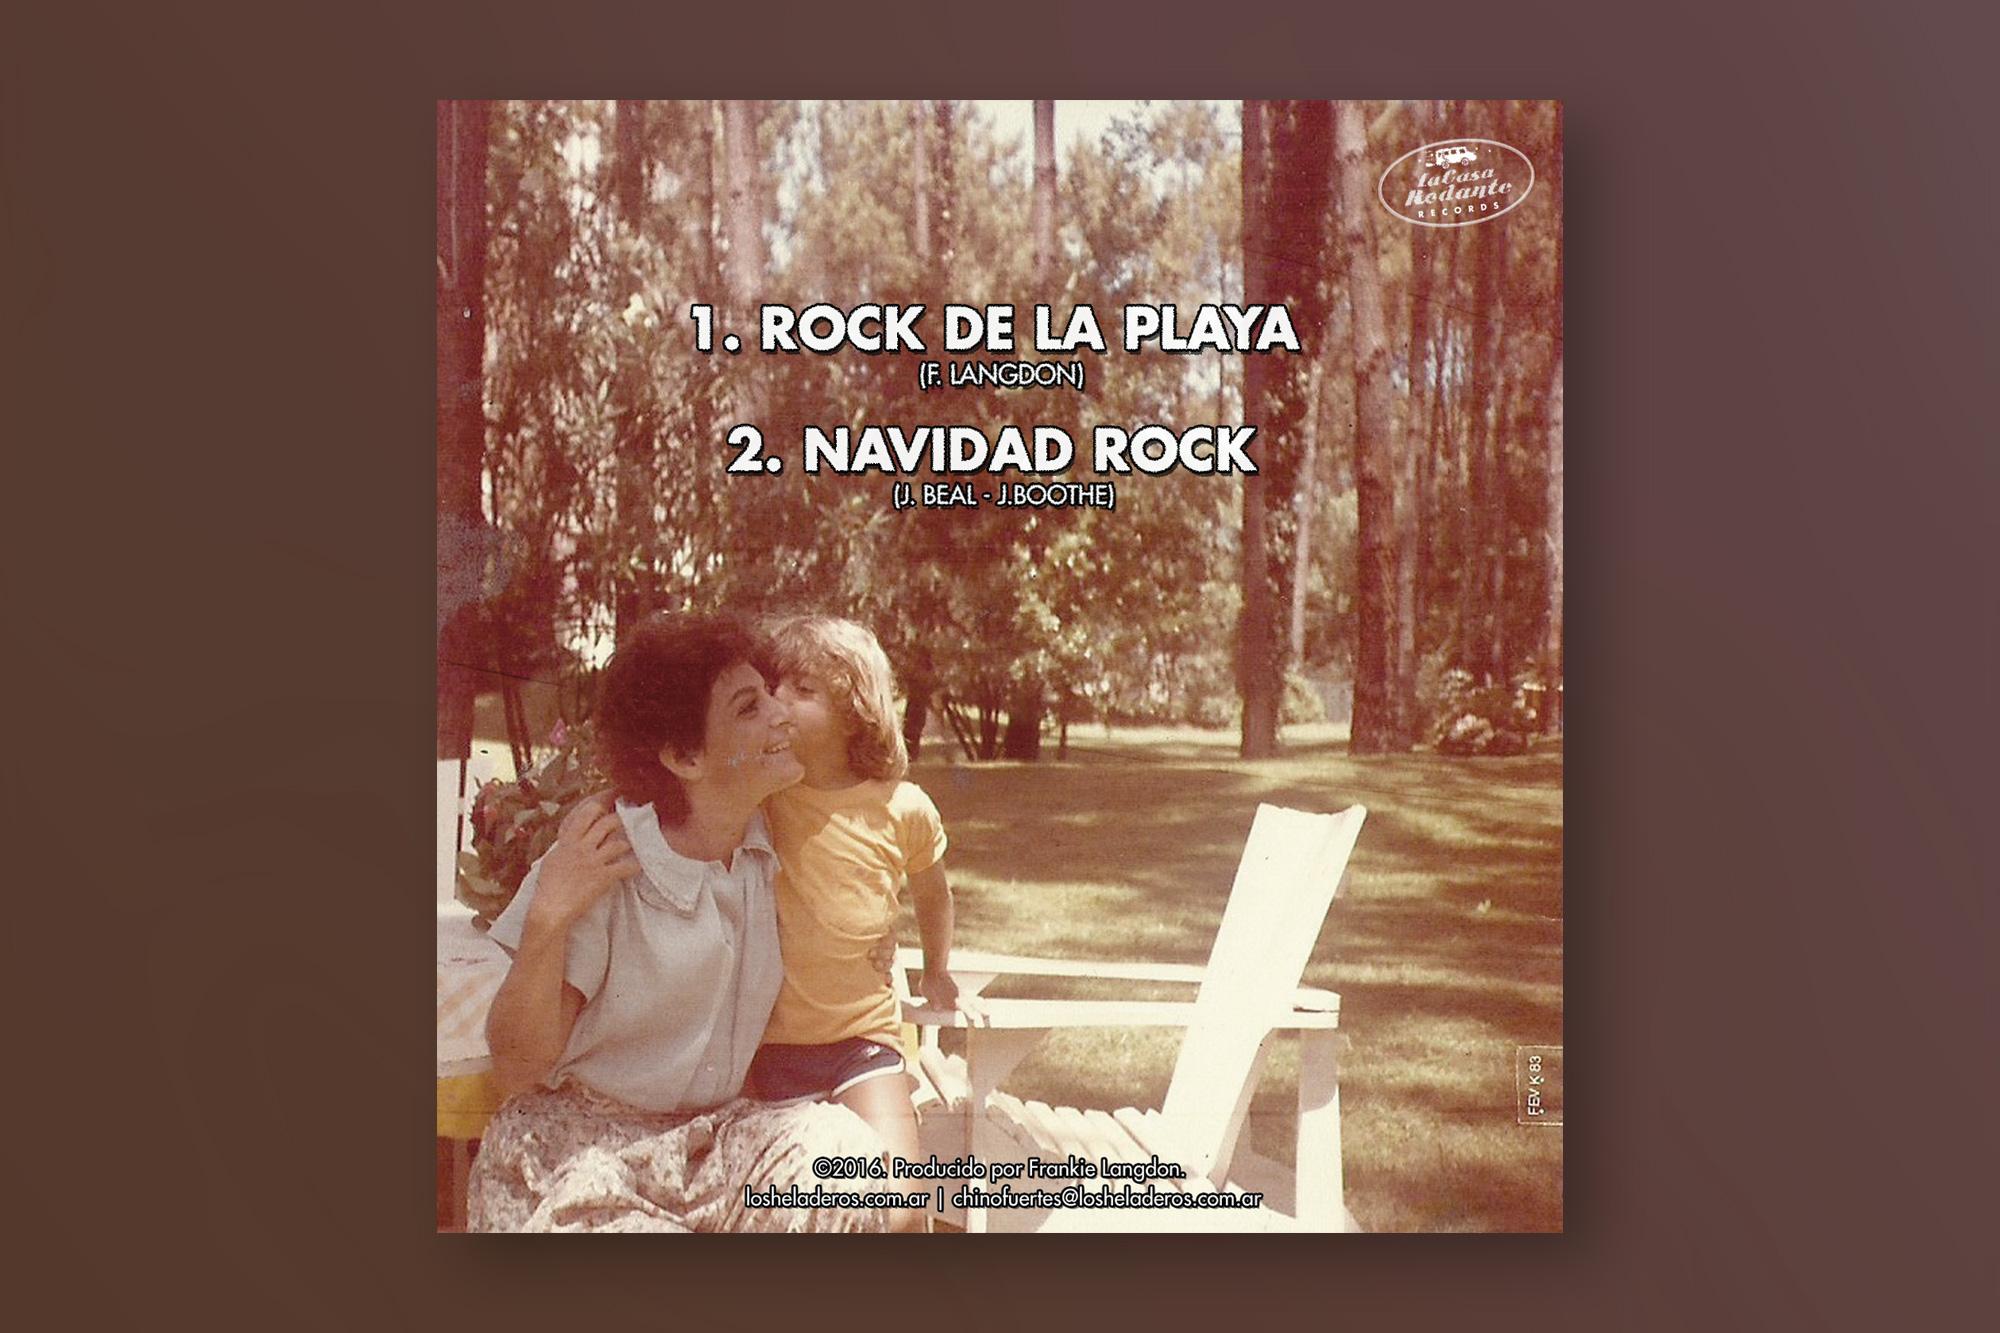 LOS-HELADEROS-DEL-TIEMPO-EP-2016-NAVIDAD-ROCK-BACK